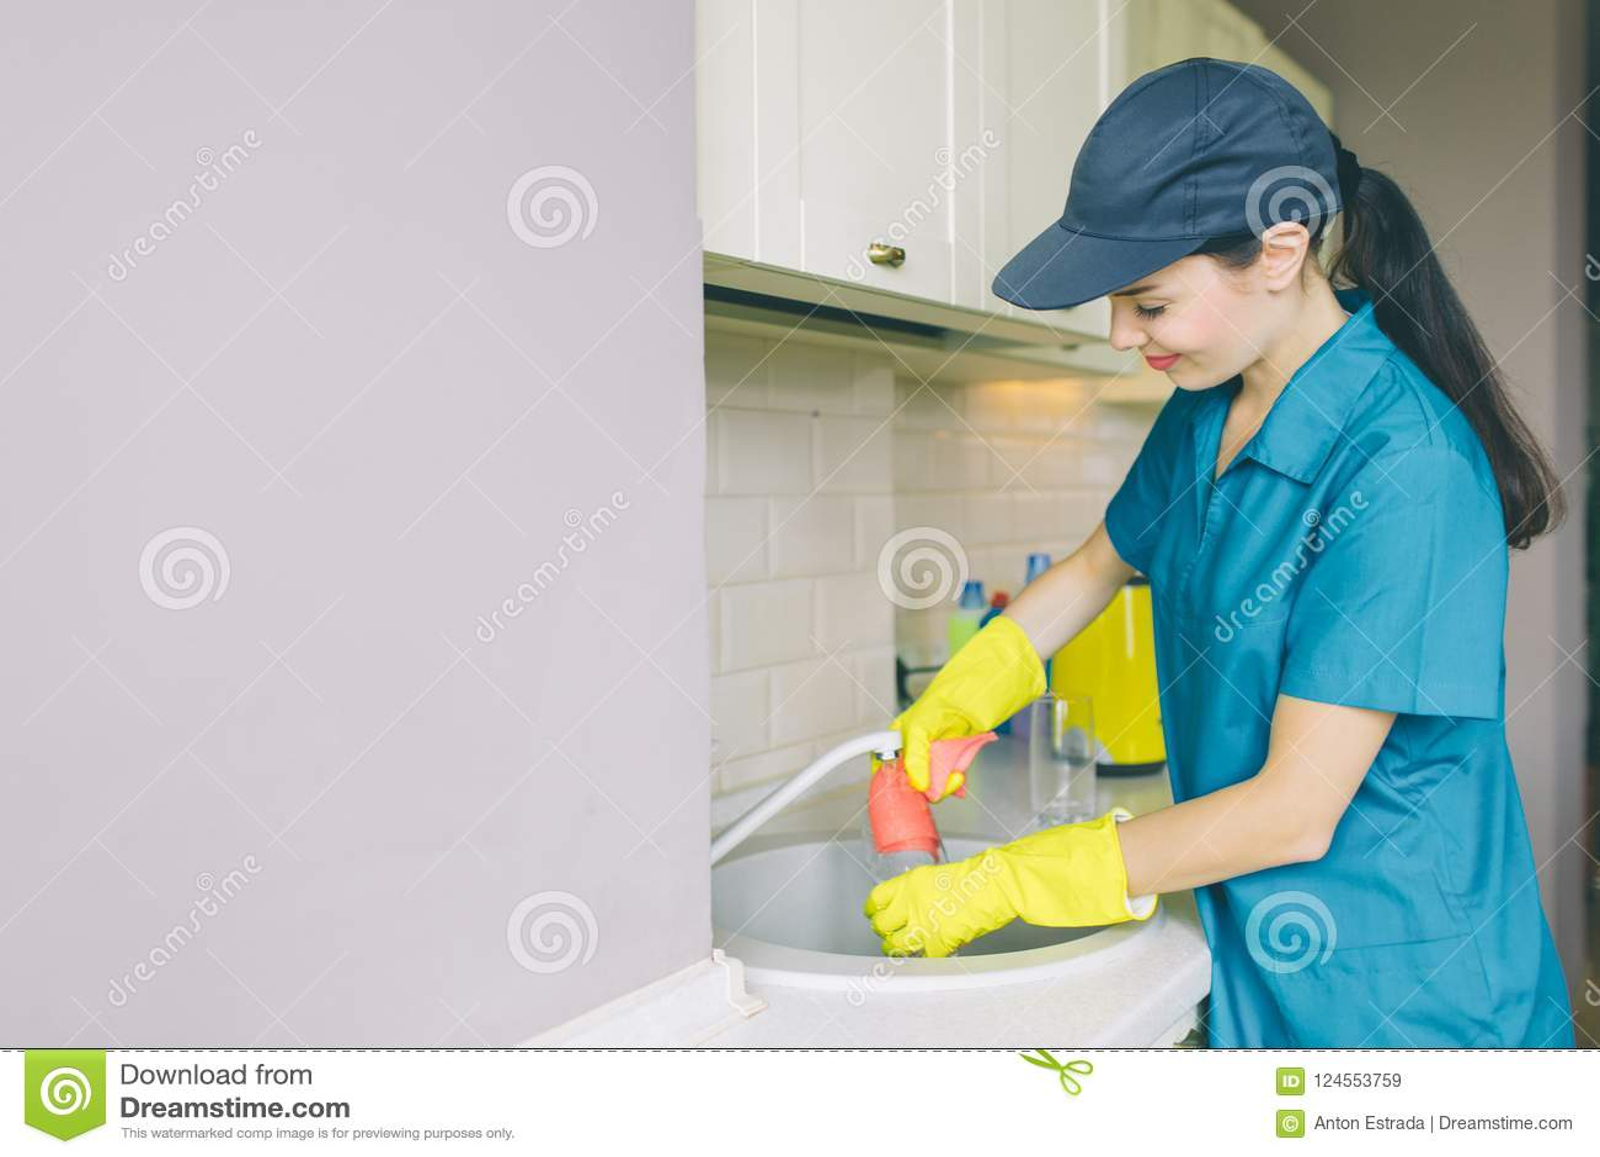 Verrukkelijk meisje in GLB en eenvormige tribunes en de werken bij gootsteen Zij glimlacht een beetje Het meisje is professionele